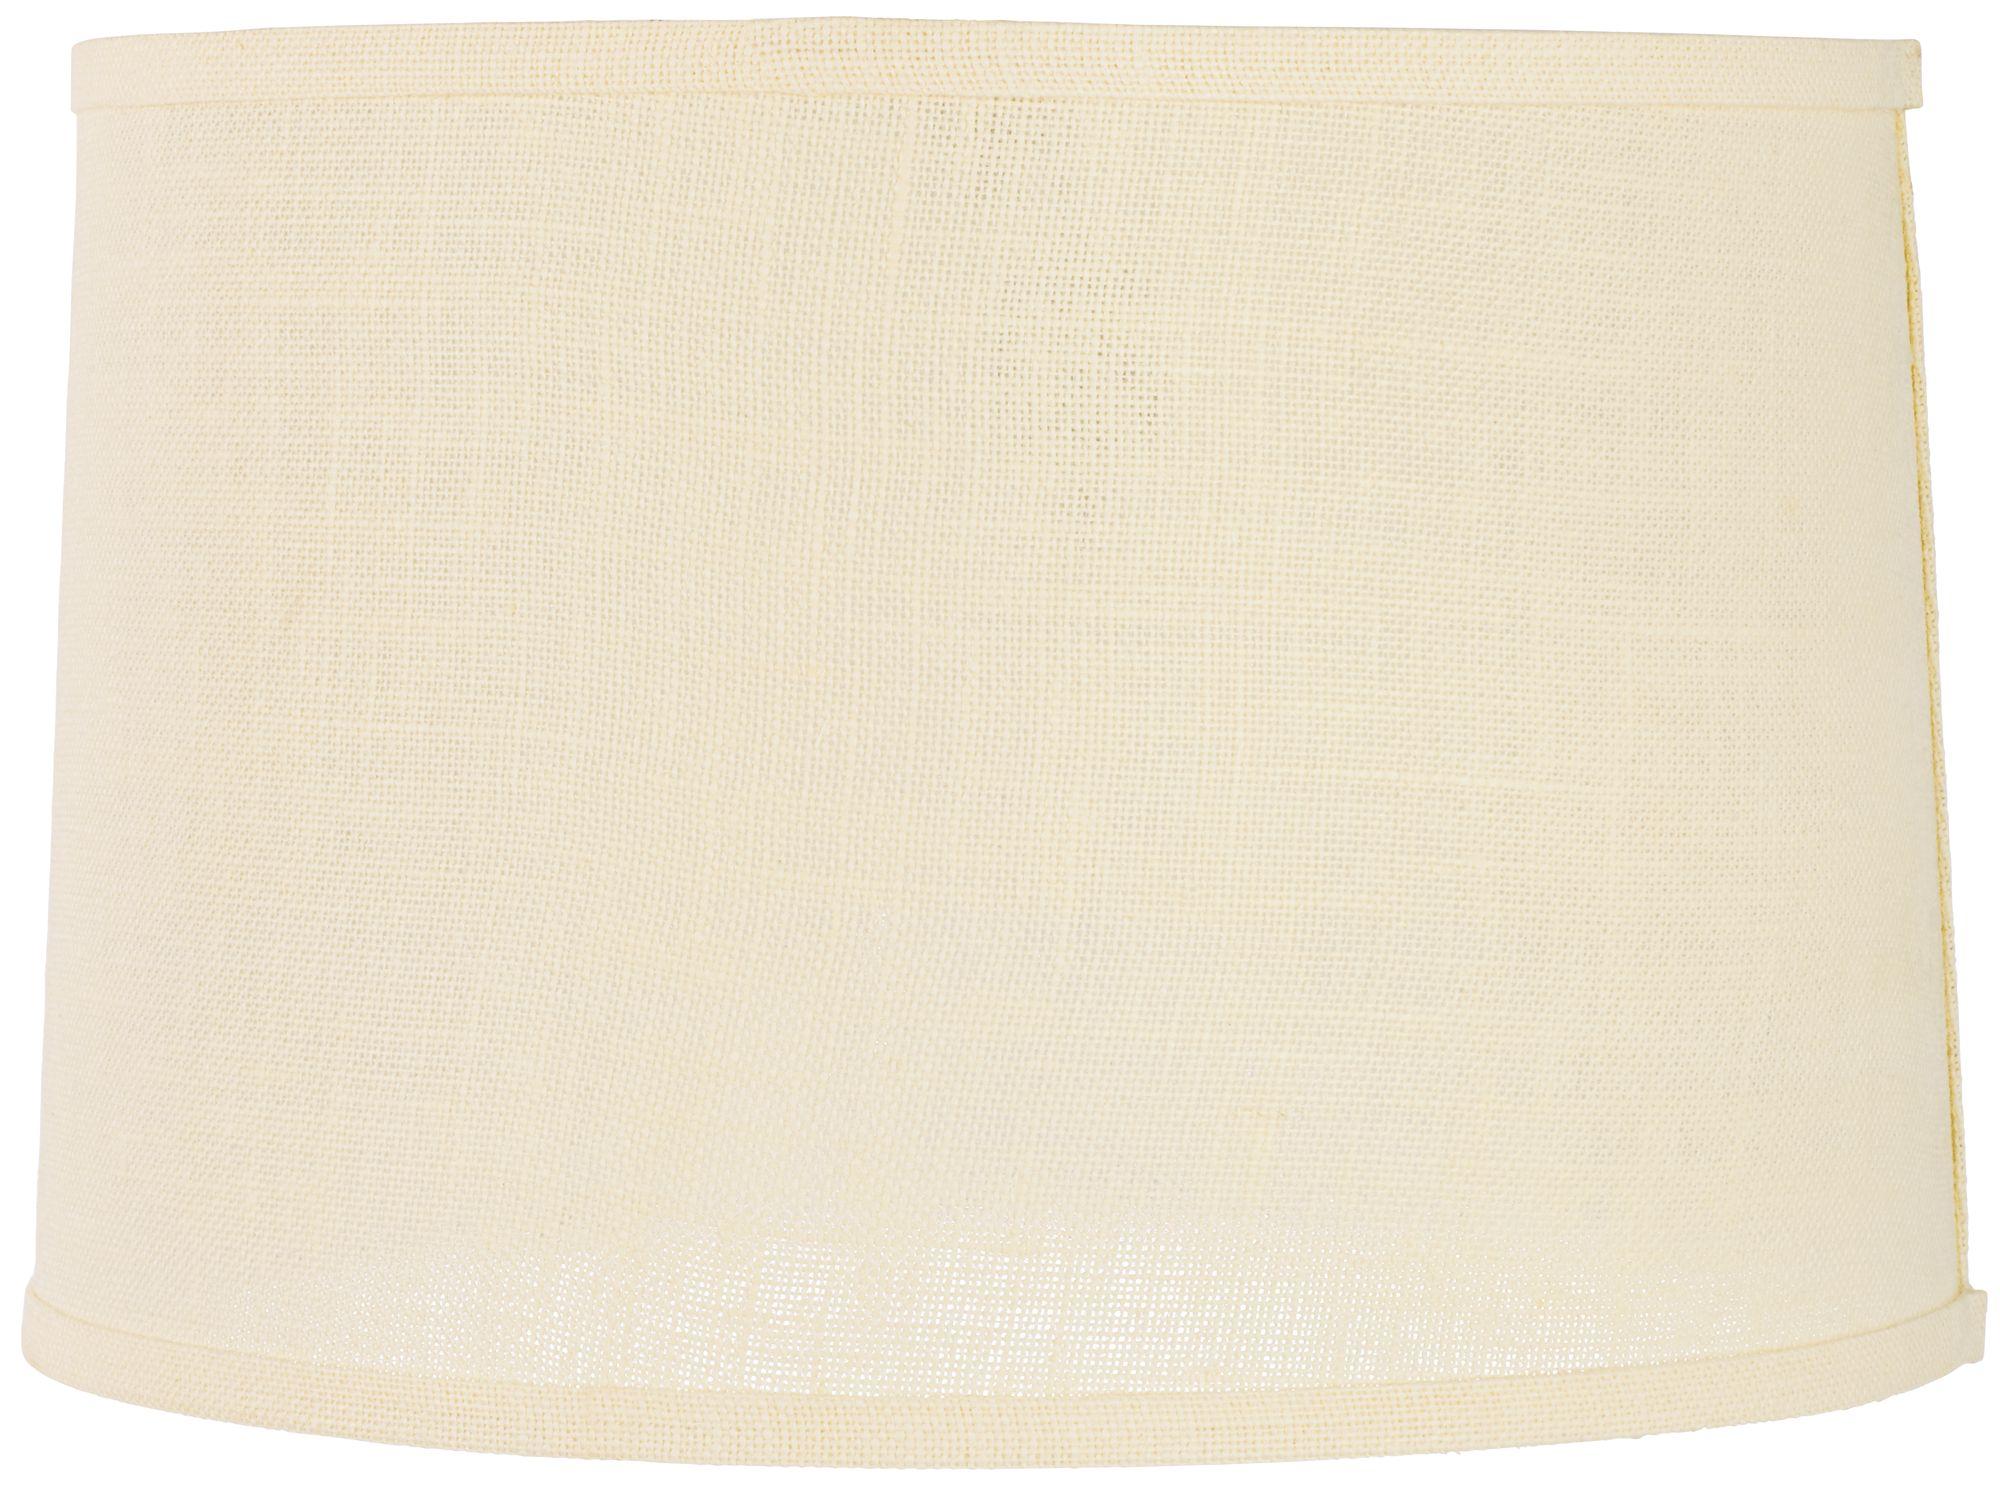 cream burlap drum lamp shade 15x16x11 spider